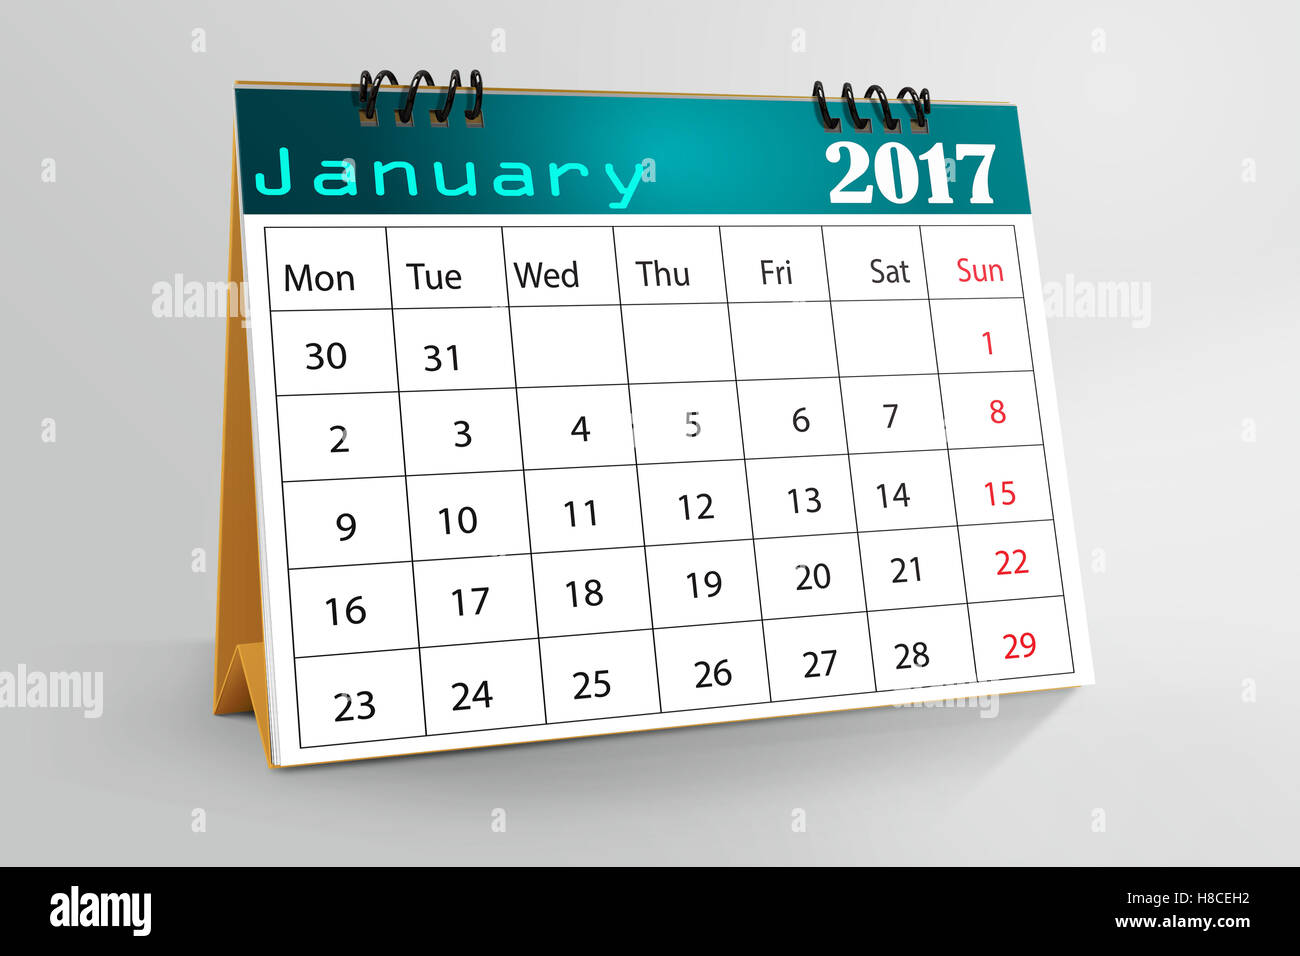 Desktop Calendar January 2017